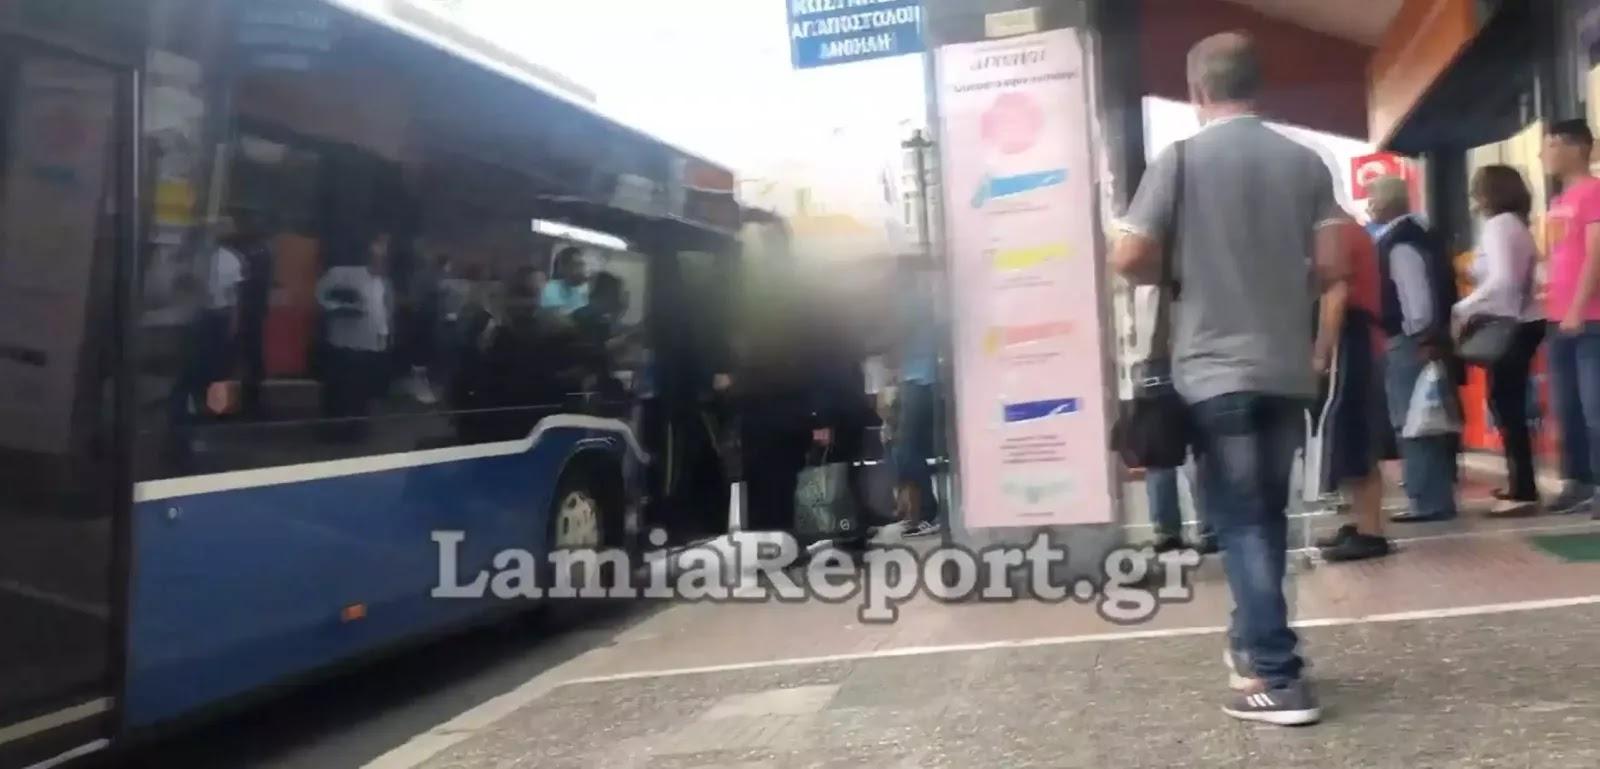 Λαμία: Ρομά Τον χτύπησαν επειδή τους ζήτησε να πληρώσουν εισιτήριο και να βάλουν μάσκα